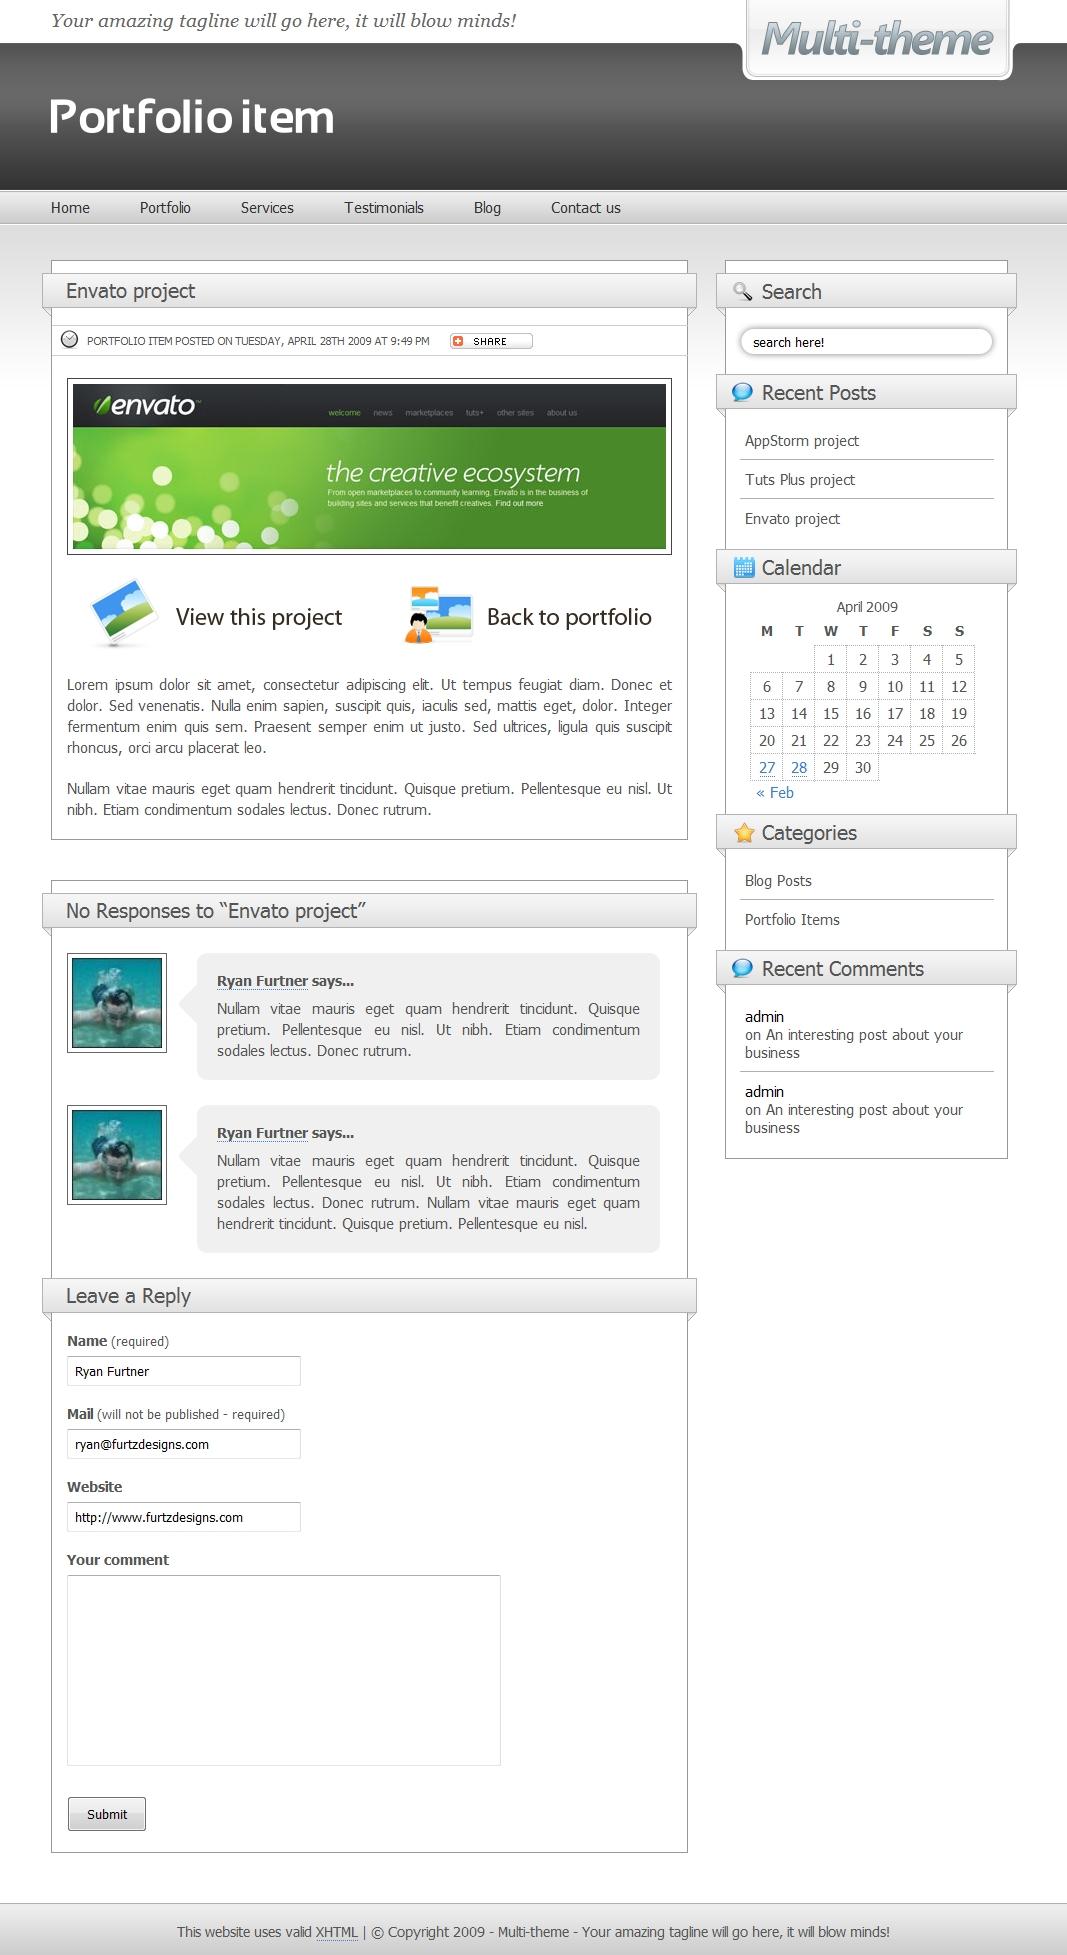 Multi-theme: 10 Colors - Business/Portfolio/Blog - Portfoli item using the 'charcoal' theme.